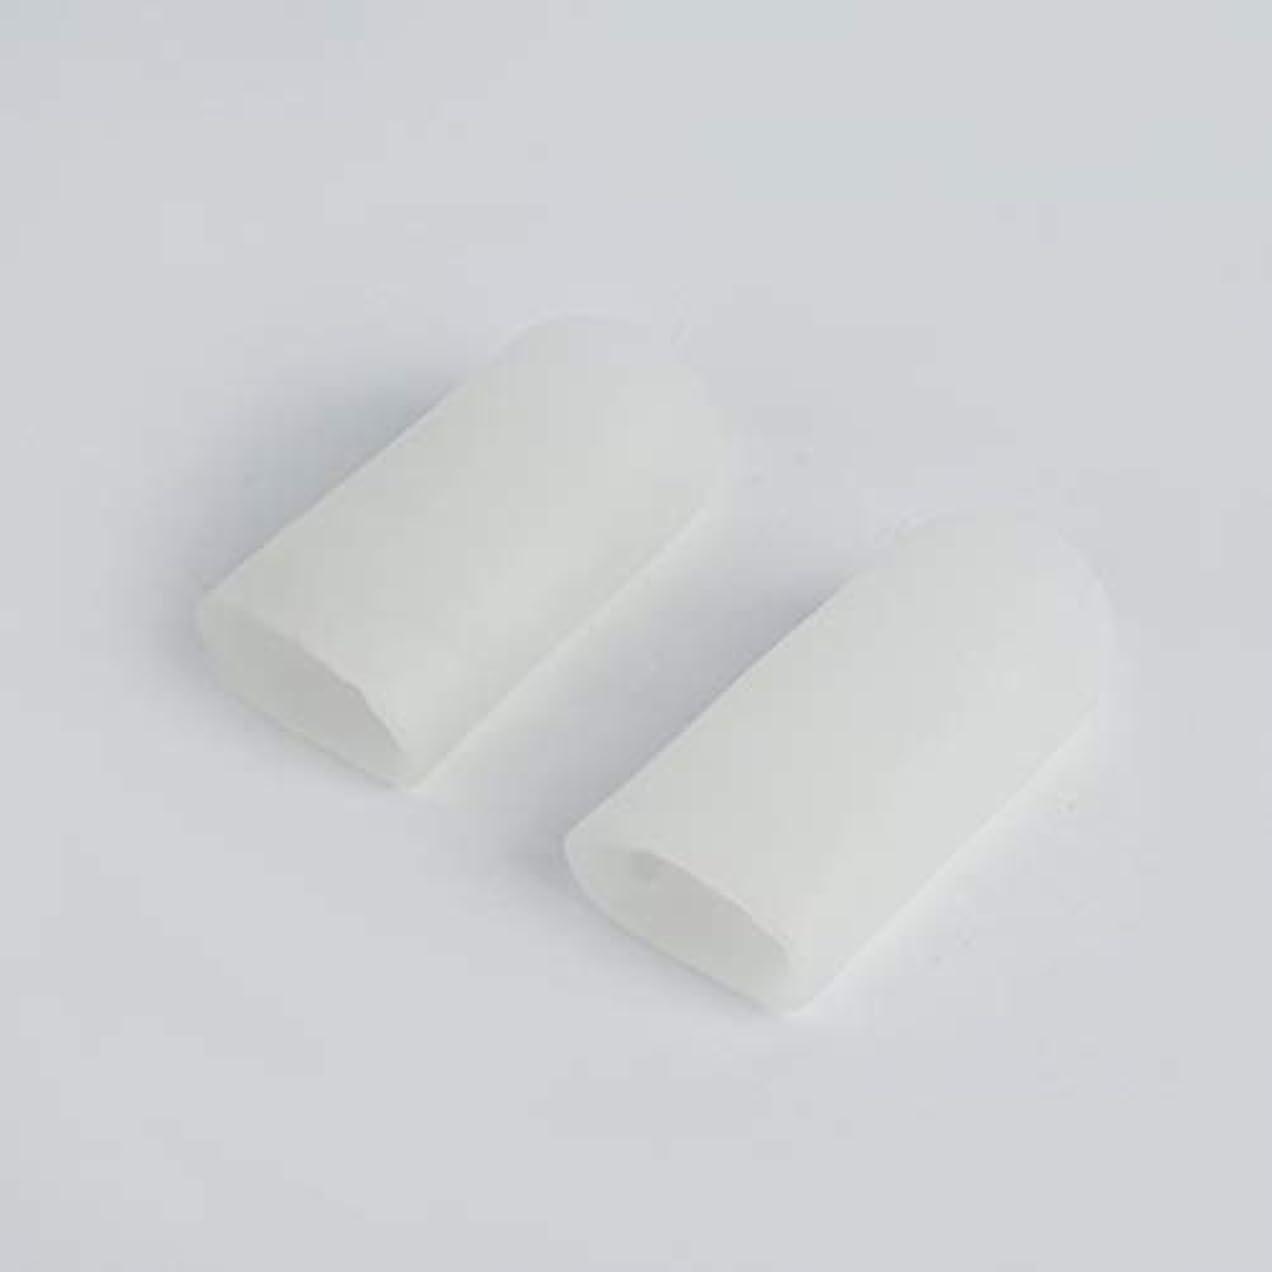 教えるポゴスティックジャンプ教養があるOpen Toe Tubes Gel Lined Fabric Sleeve Protectors To Prevent Corns, Calluses And Blisters While Softening And...